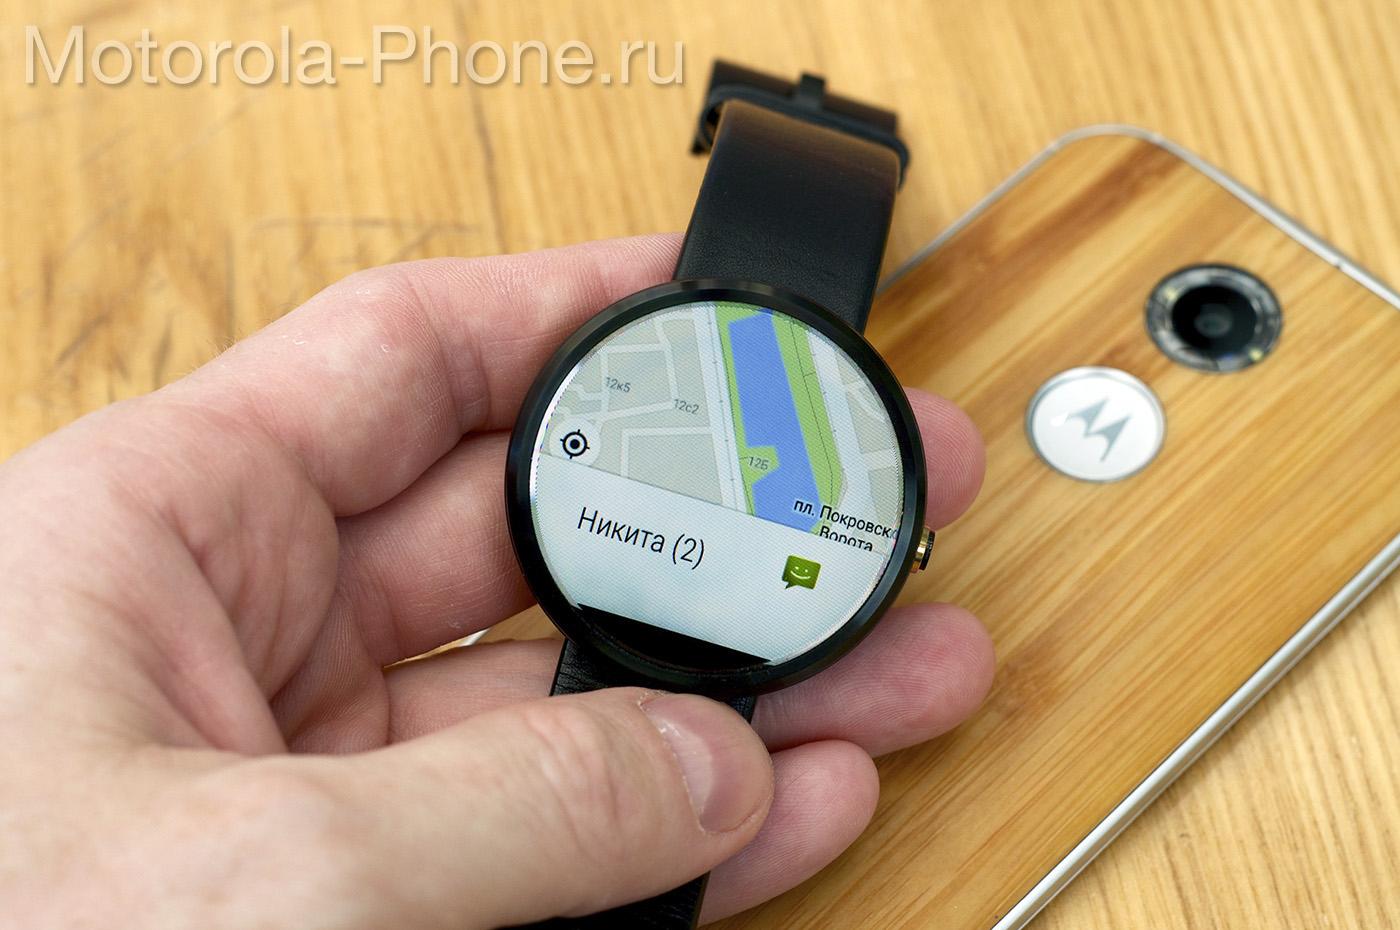 Motorola-Moto-360-Android-Wear-5-1-39 copy